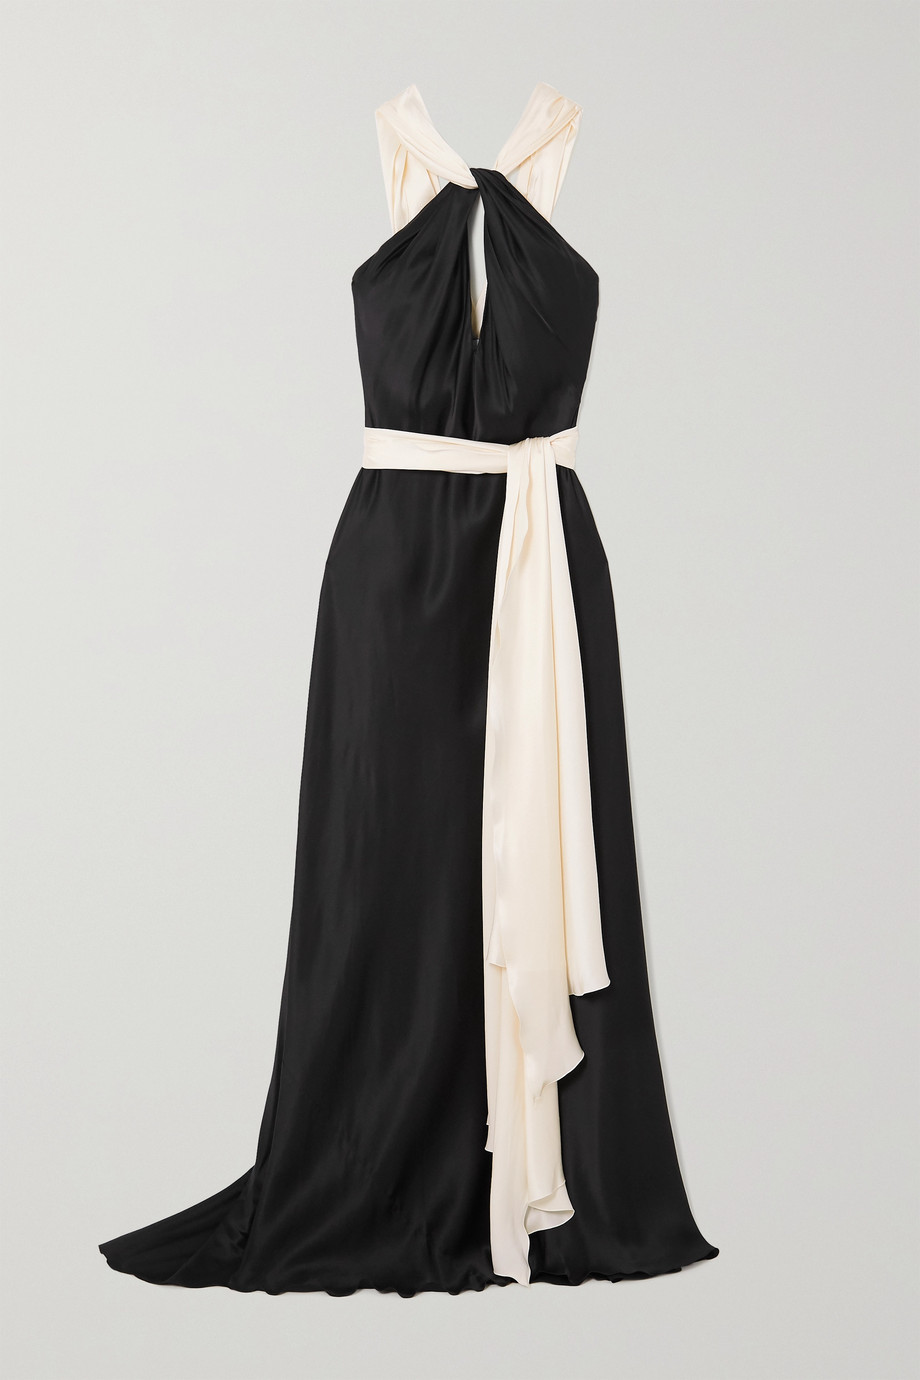 Redemption Zweifarbige Robe aus Seidensatin mit Cut-out und Bindegürtel